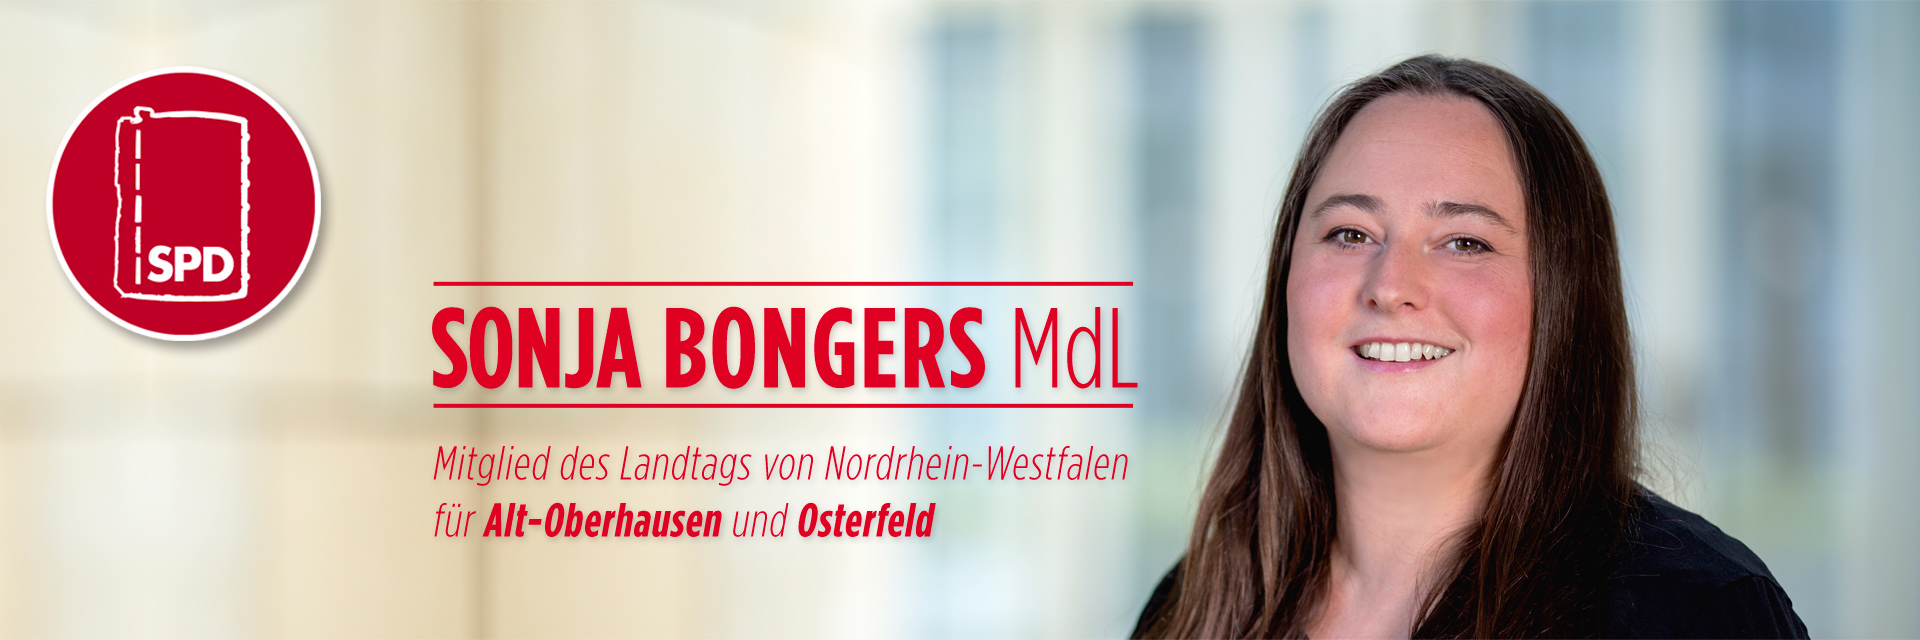 Sonja Bongers MdL